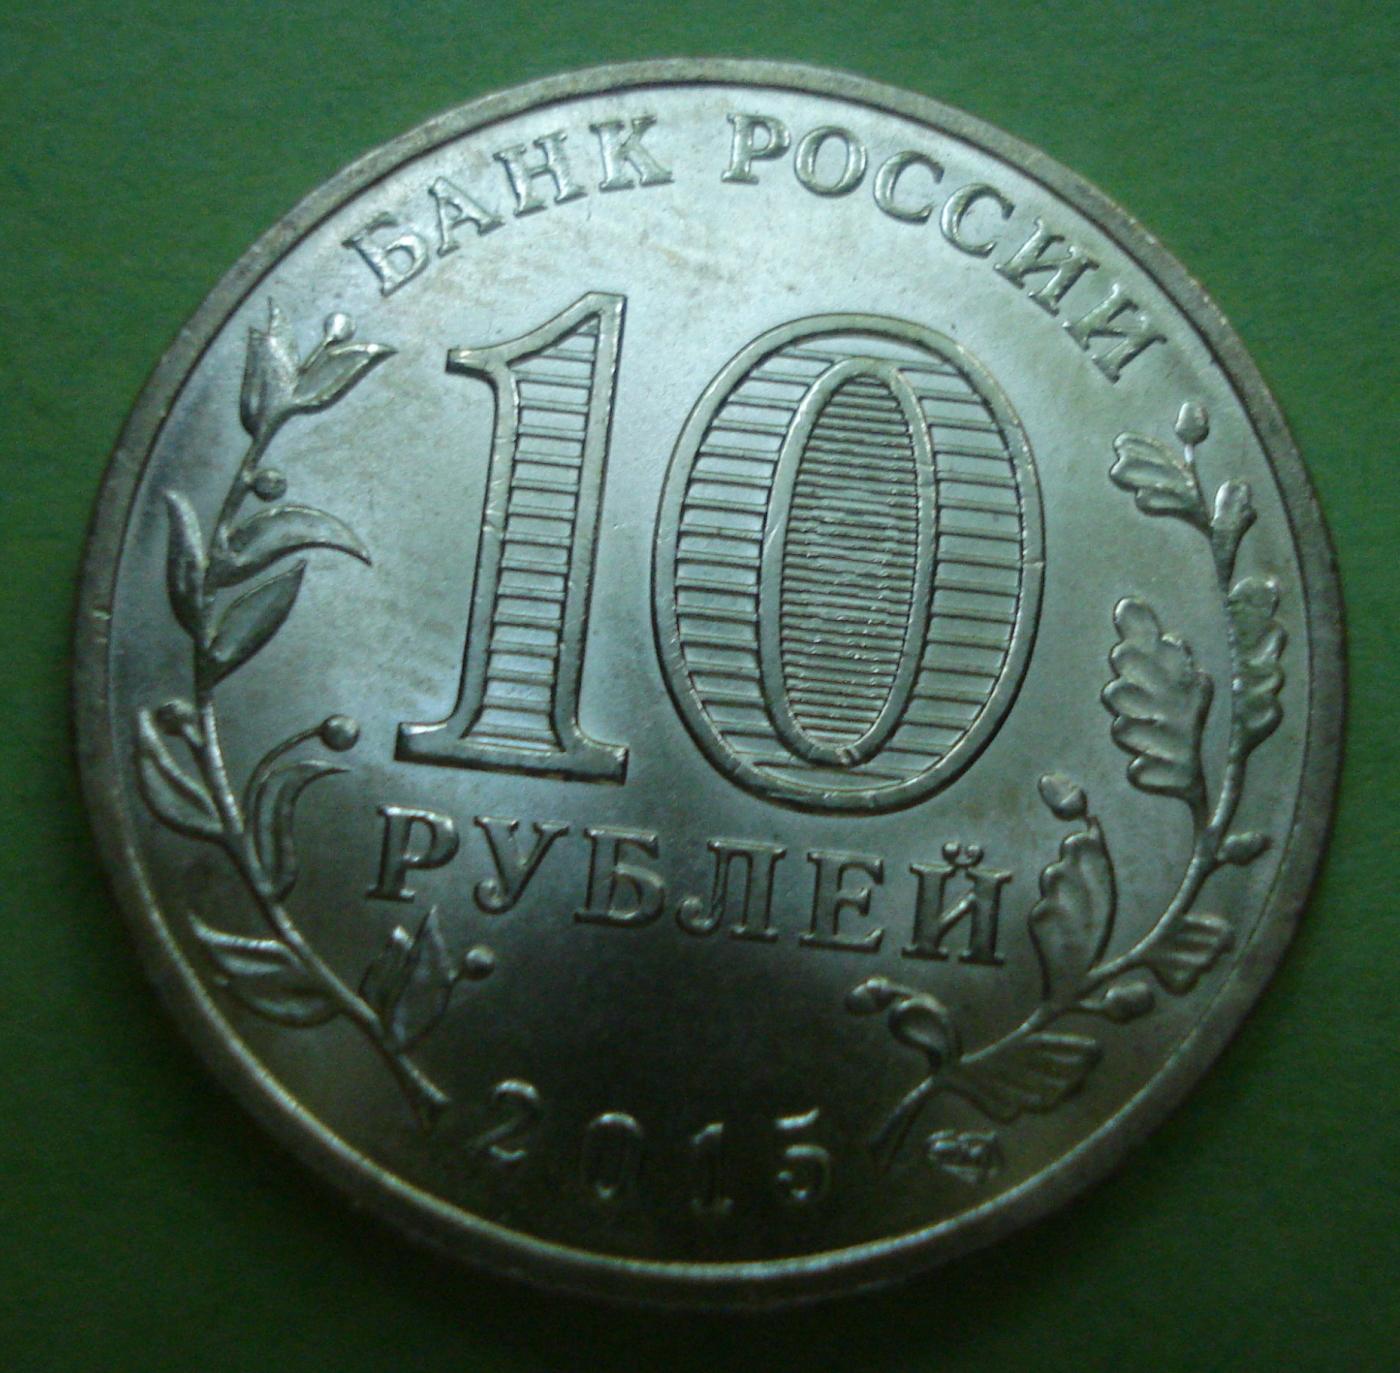 100 roubles x 10pcs rubles Crimea 2015 NEW banknotes 10pcs UNC Russia